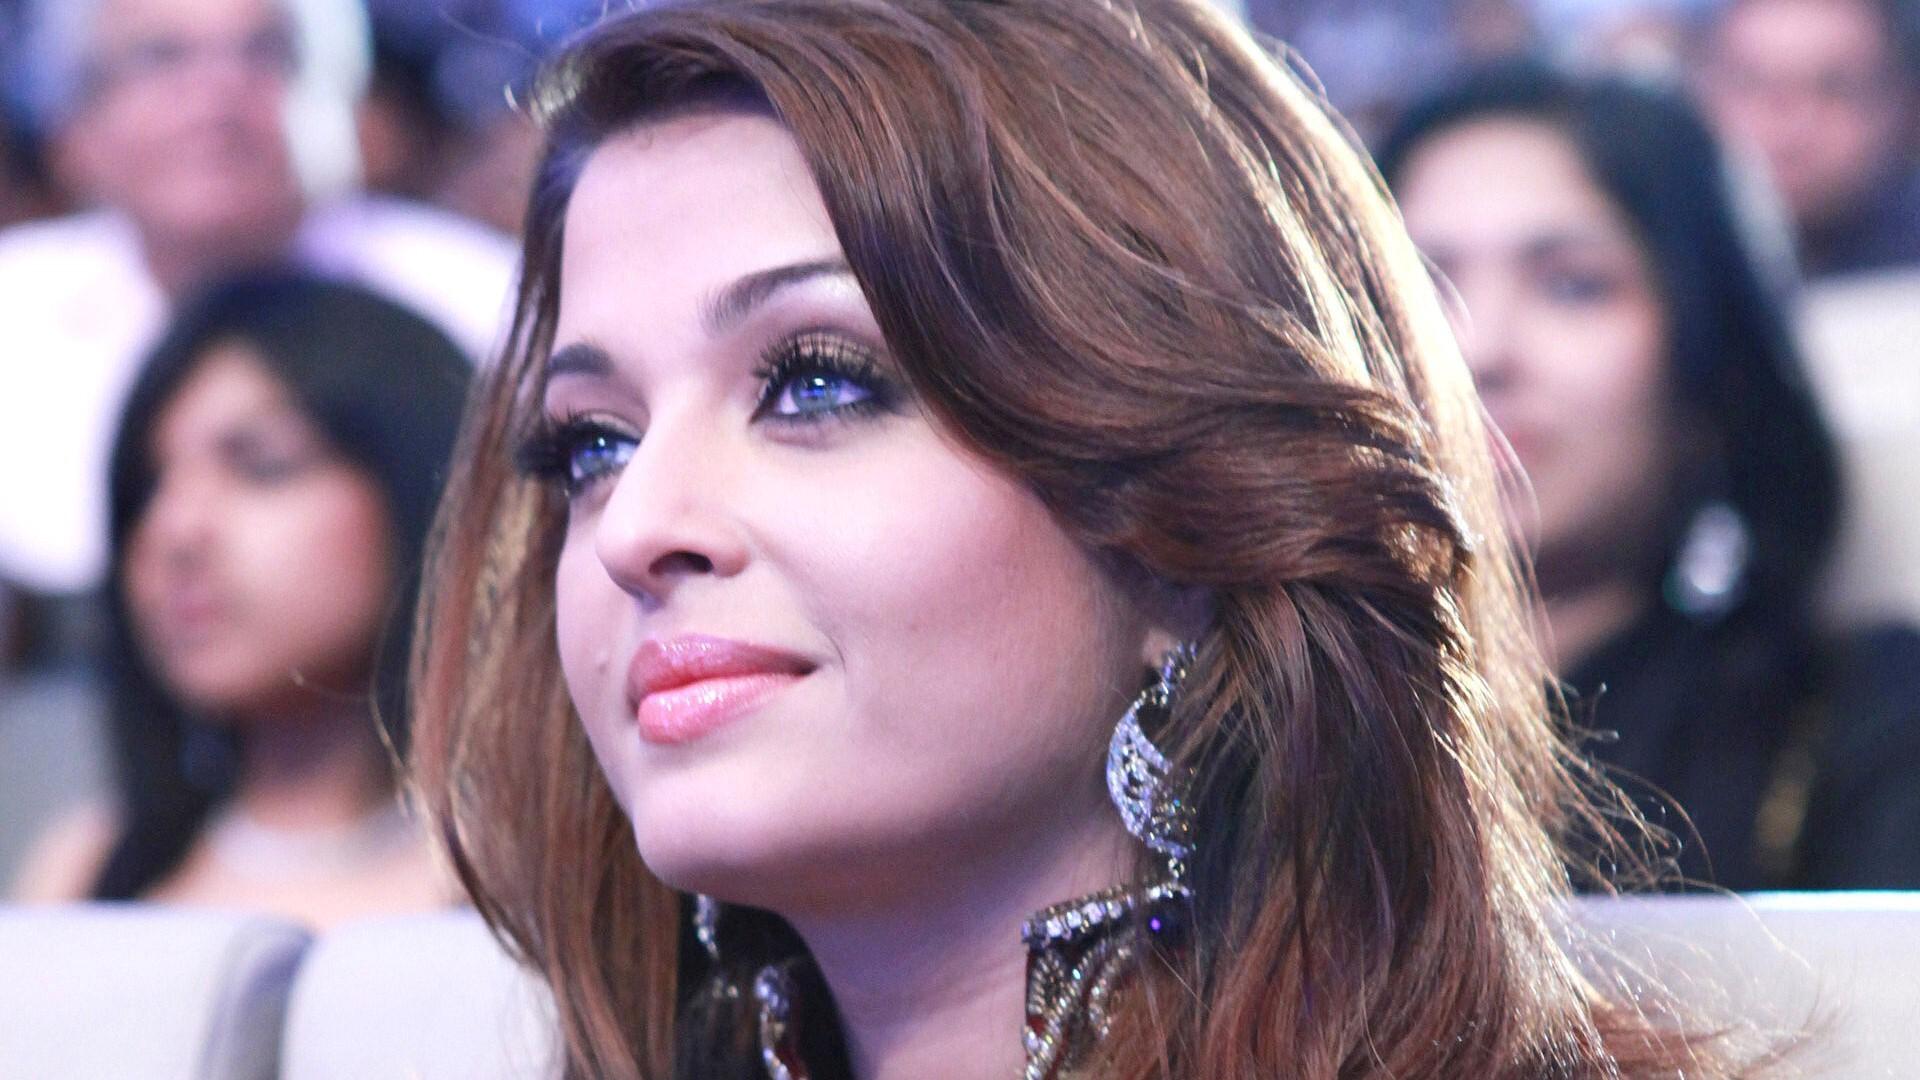 Aishwarya Rai Bachchan Hd Wallpapers: Beautiful Aishwarya Rai Bachchan Indian Actress HD